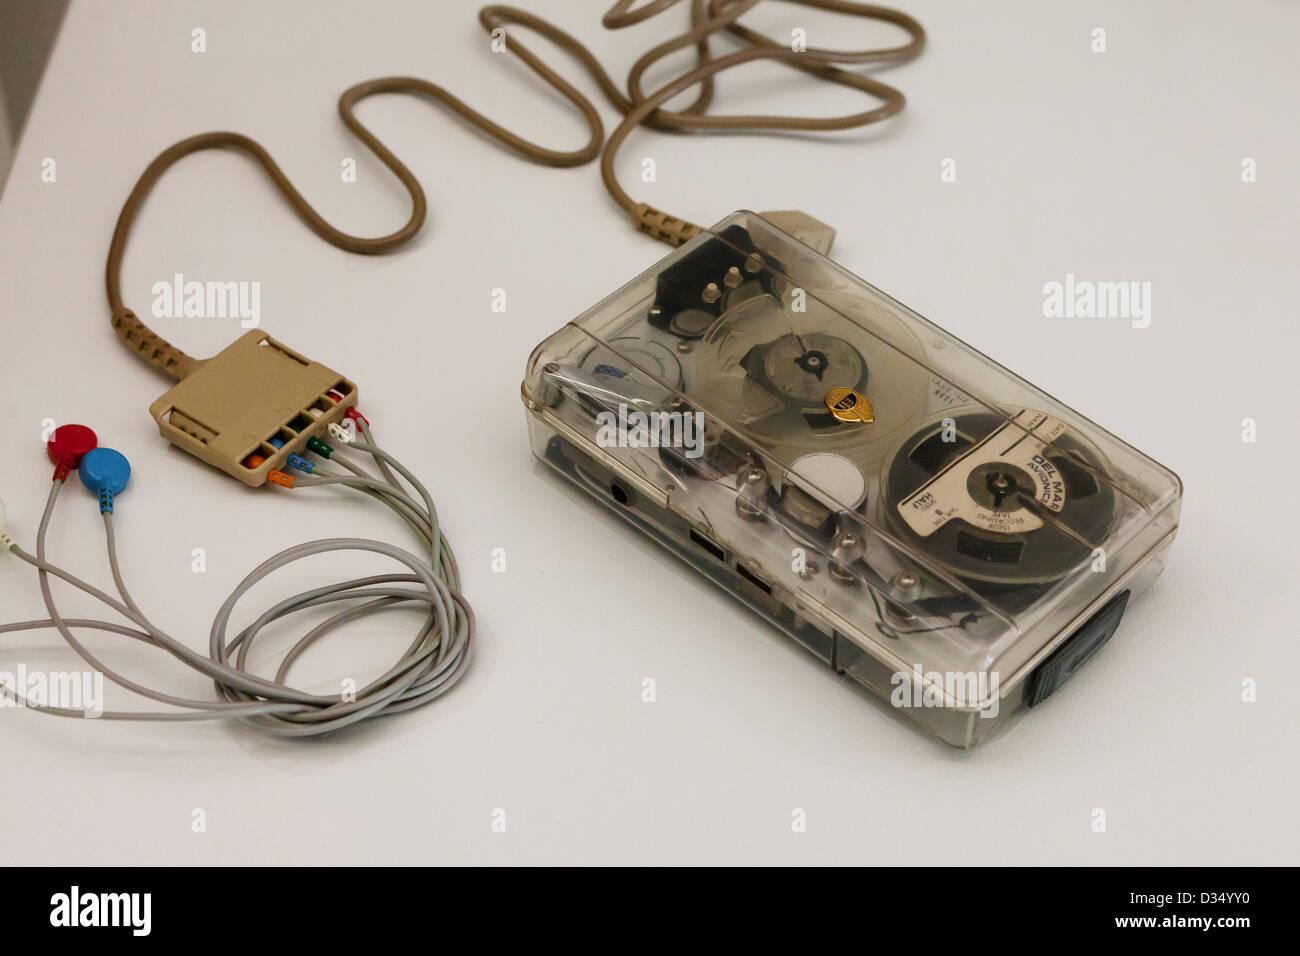 Vintage Herz-Monitor Aufnahme Bandmaschine - ca. 1970er Jahre Stockbild